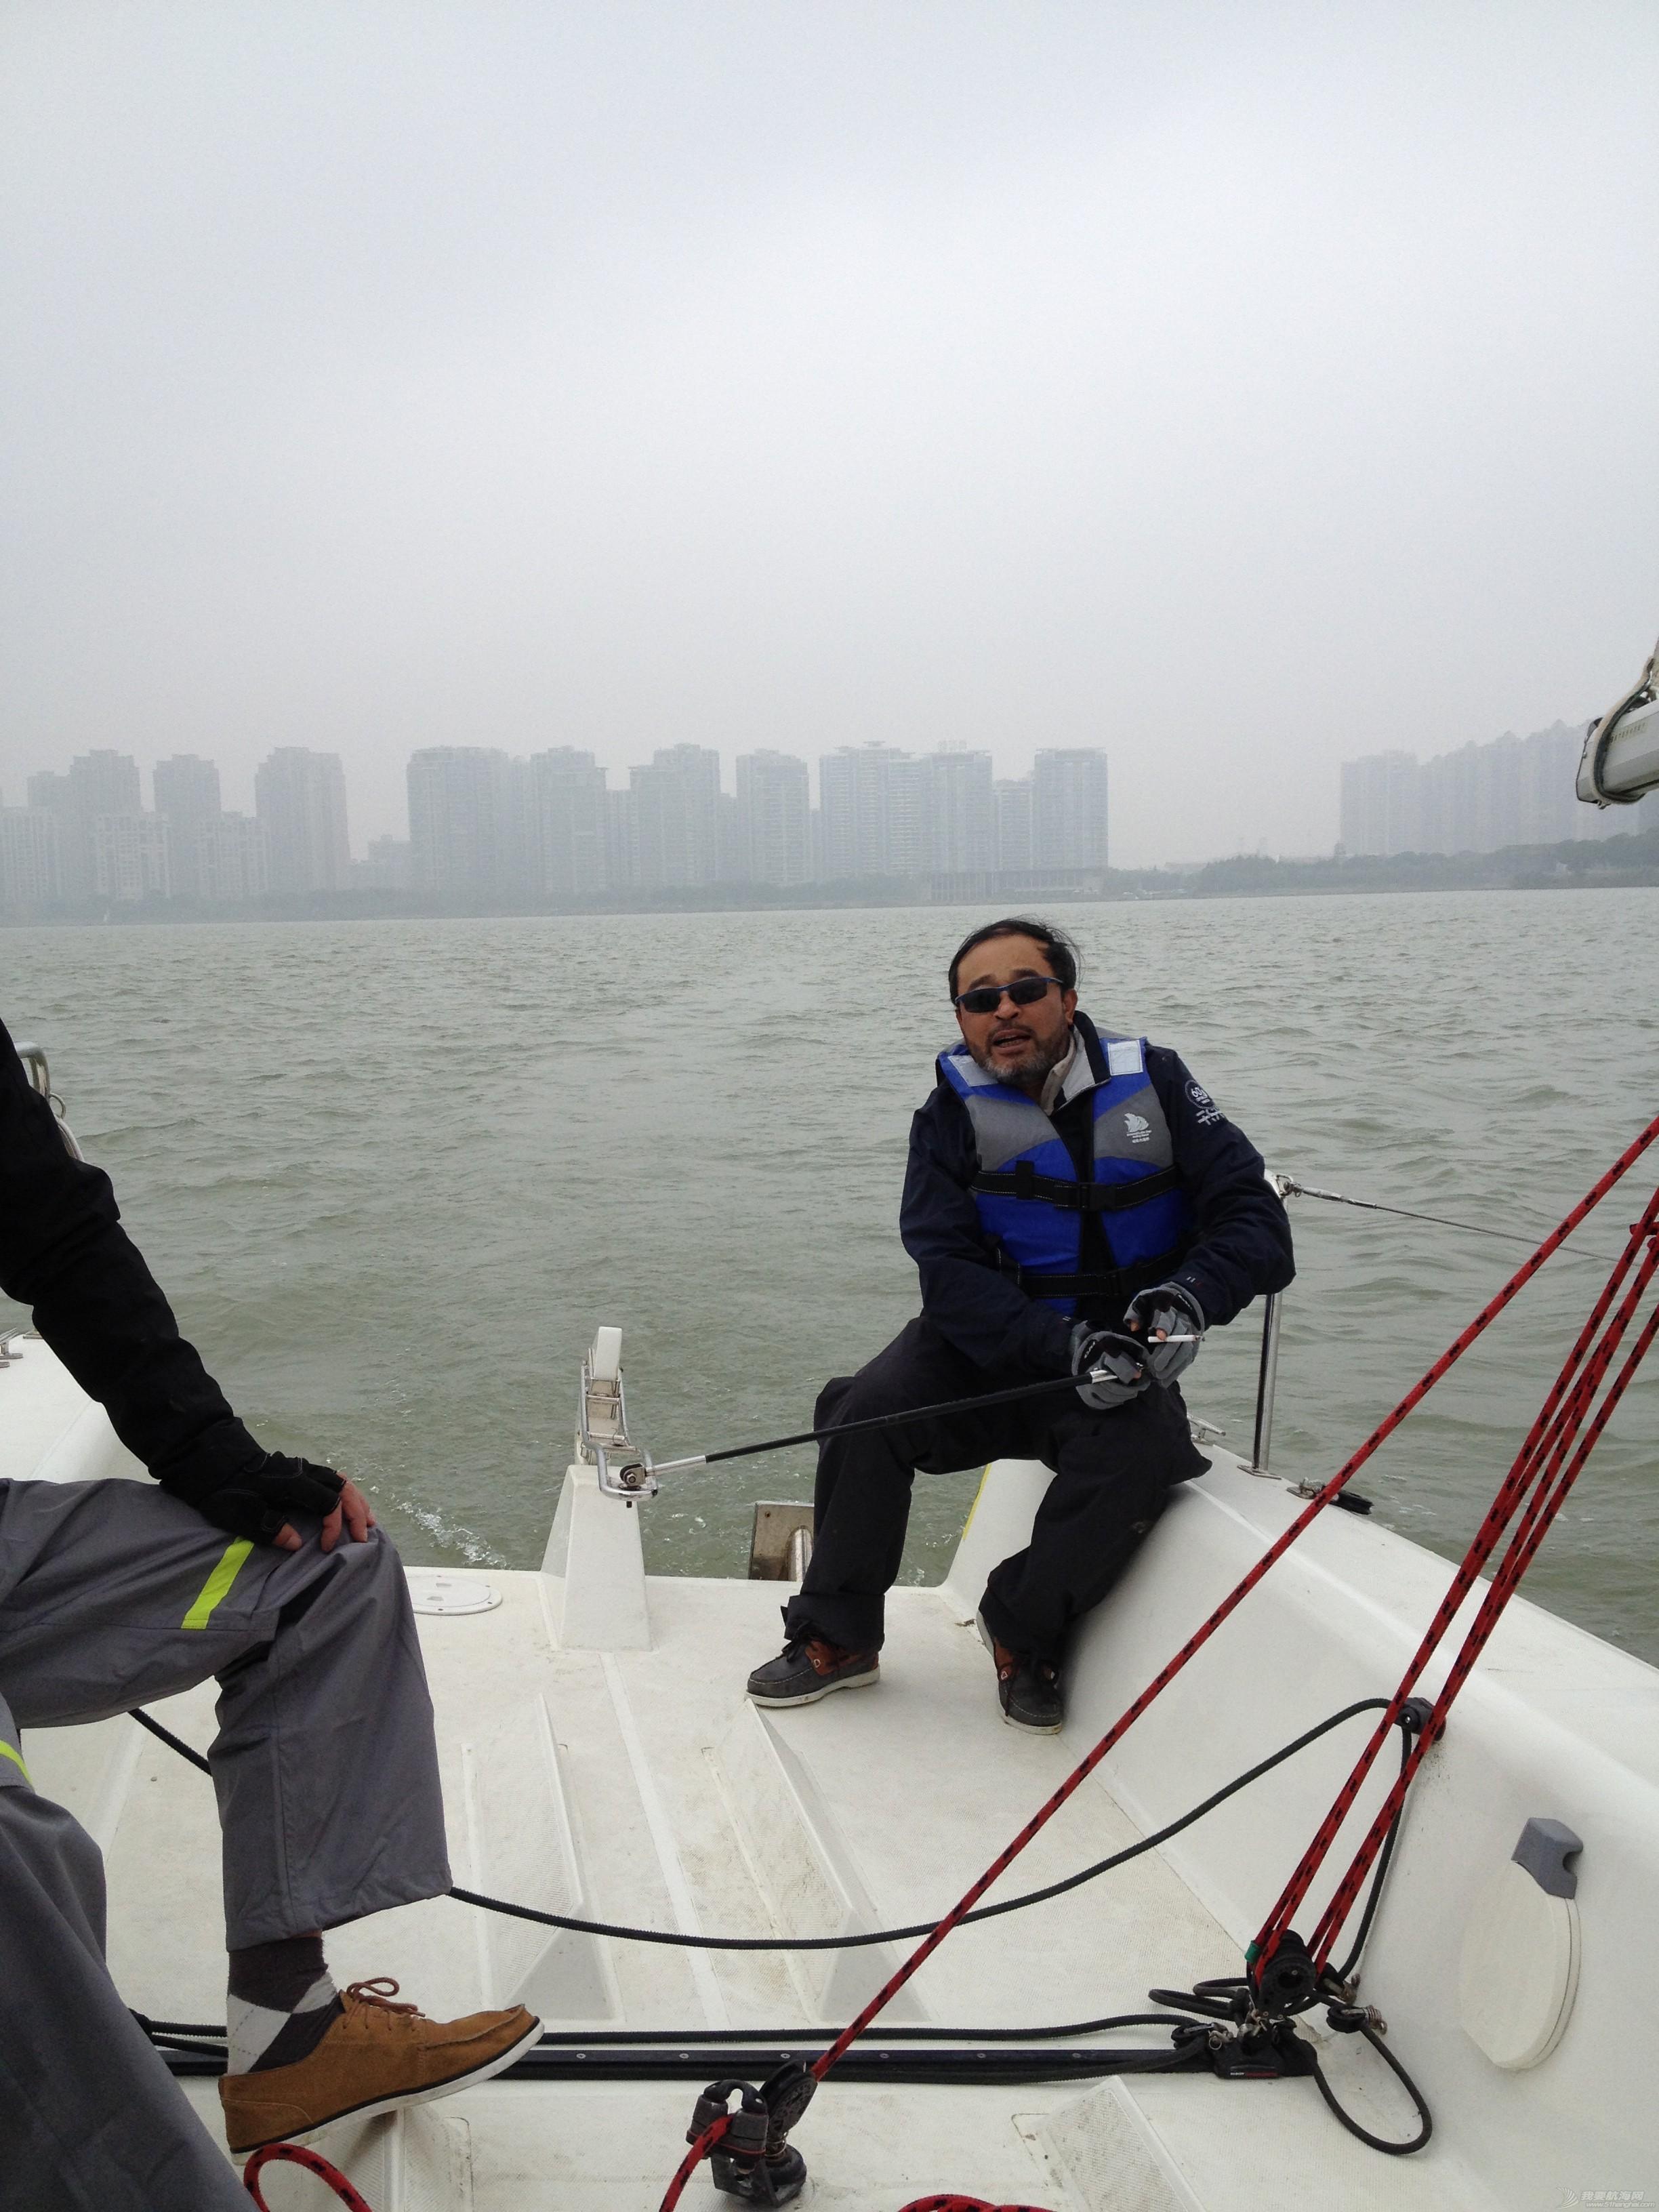 金鸡,苏州 苏州金鸡湖帆船赛-我的处女赛 IMG_2921.JPG